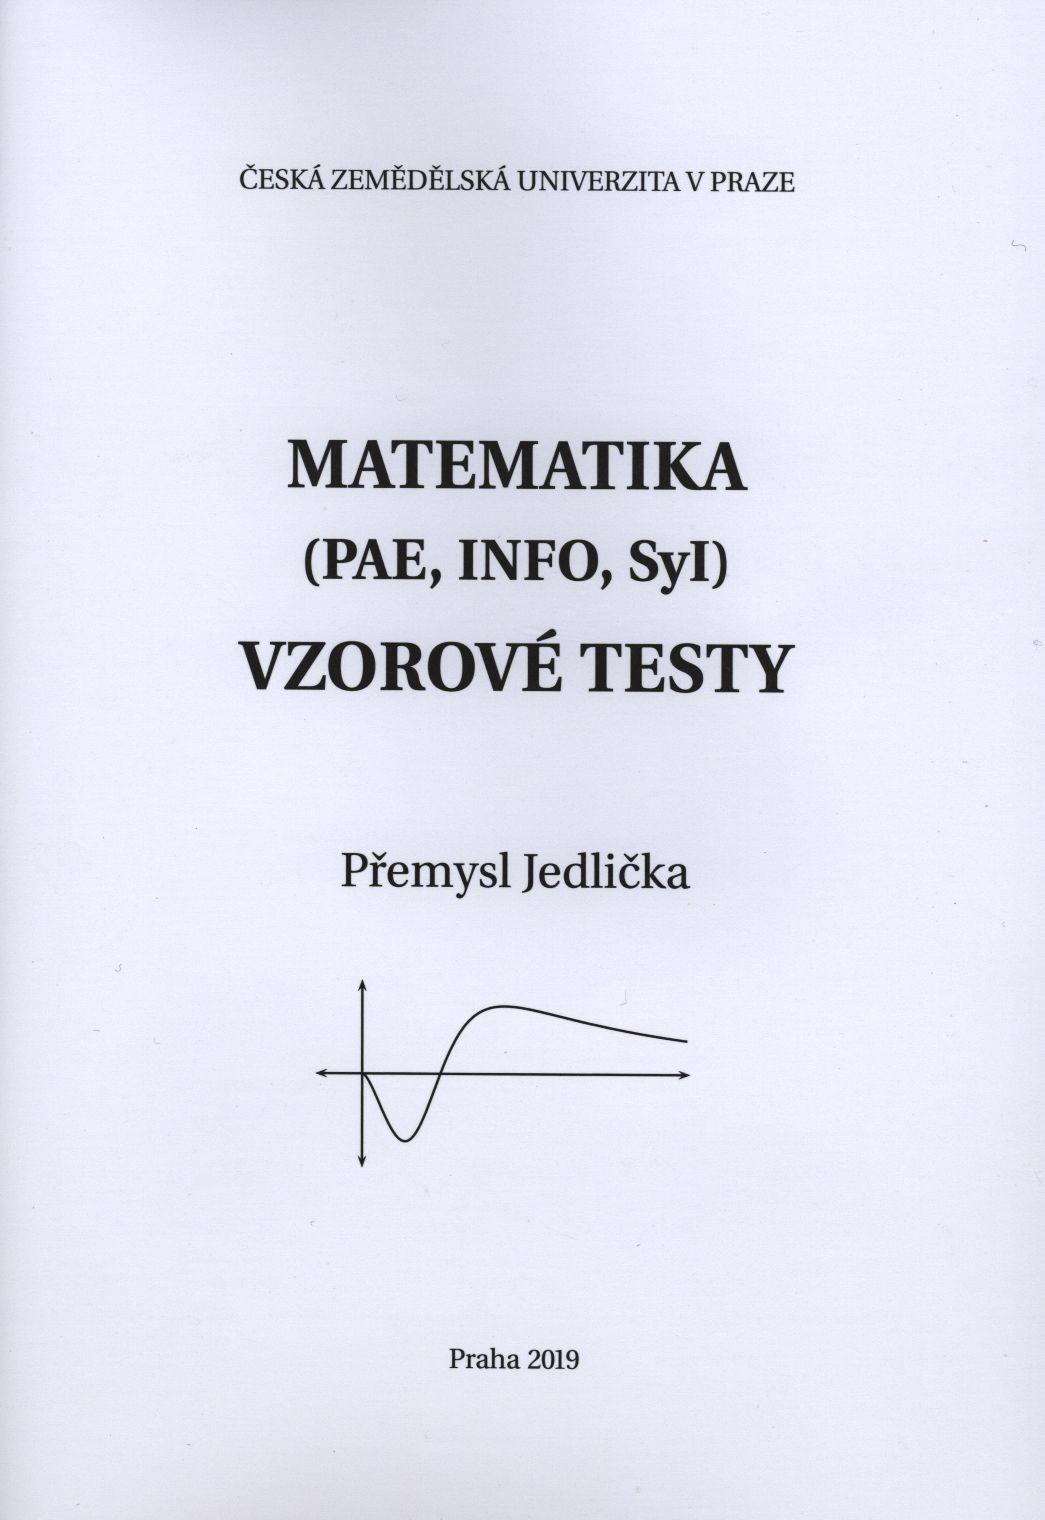 Matematika (PAE, INFO, Syl) - vzorové testy